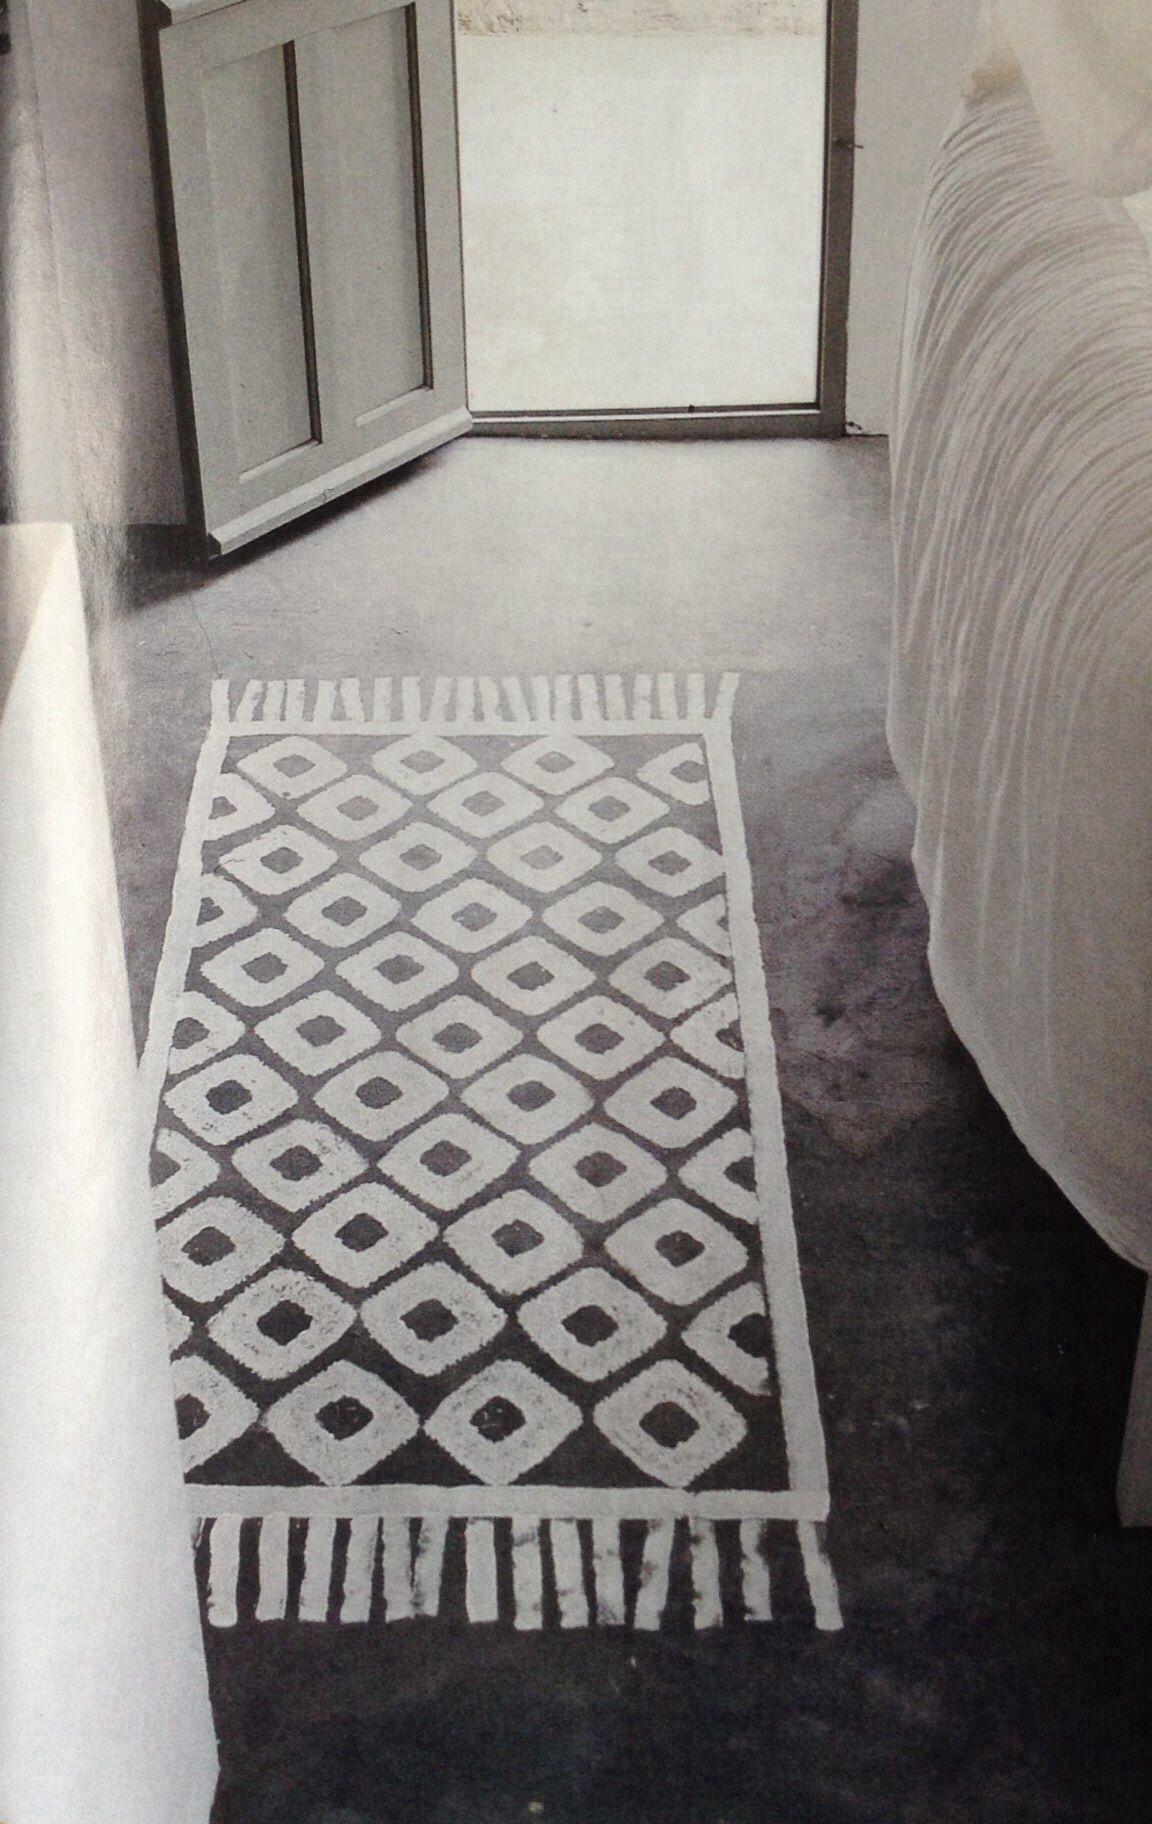 tapis trompe l 39 oeil peint la chaux sur sol ciment inspiration carreaux de ciment pinterest. Black Bedroom Furniture Sets. Home Design Ideas